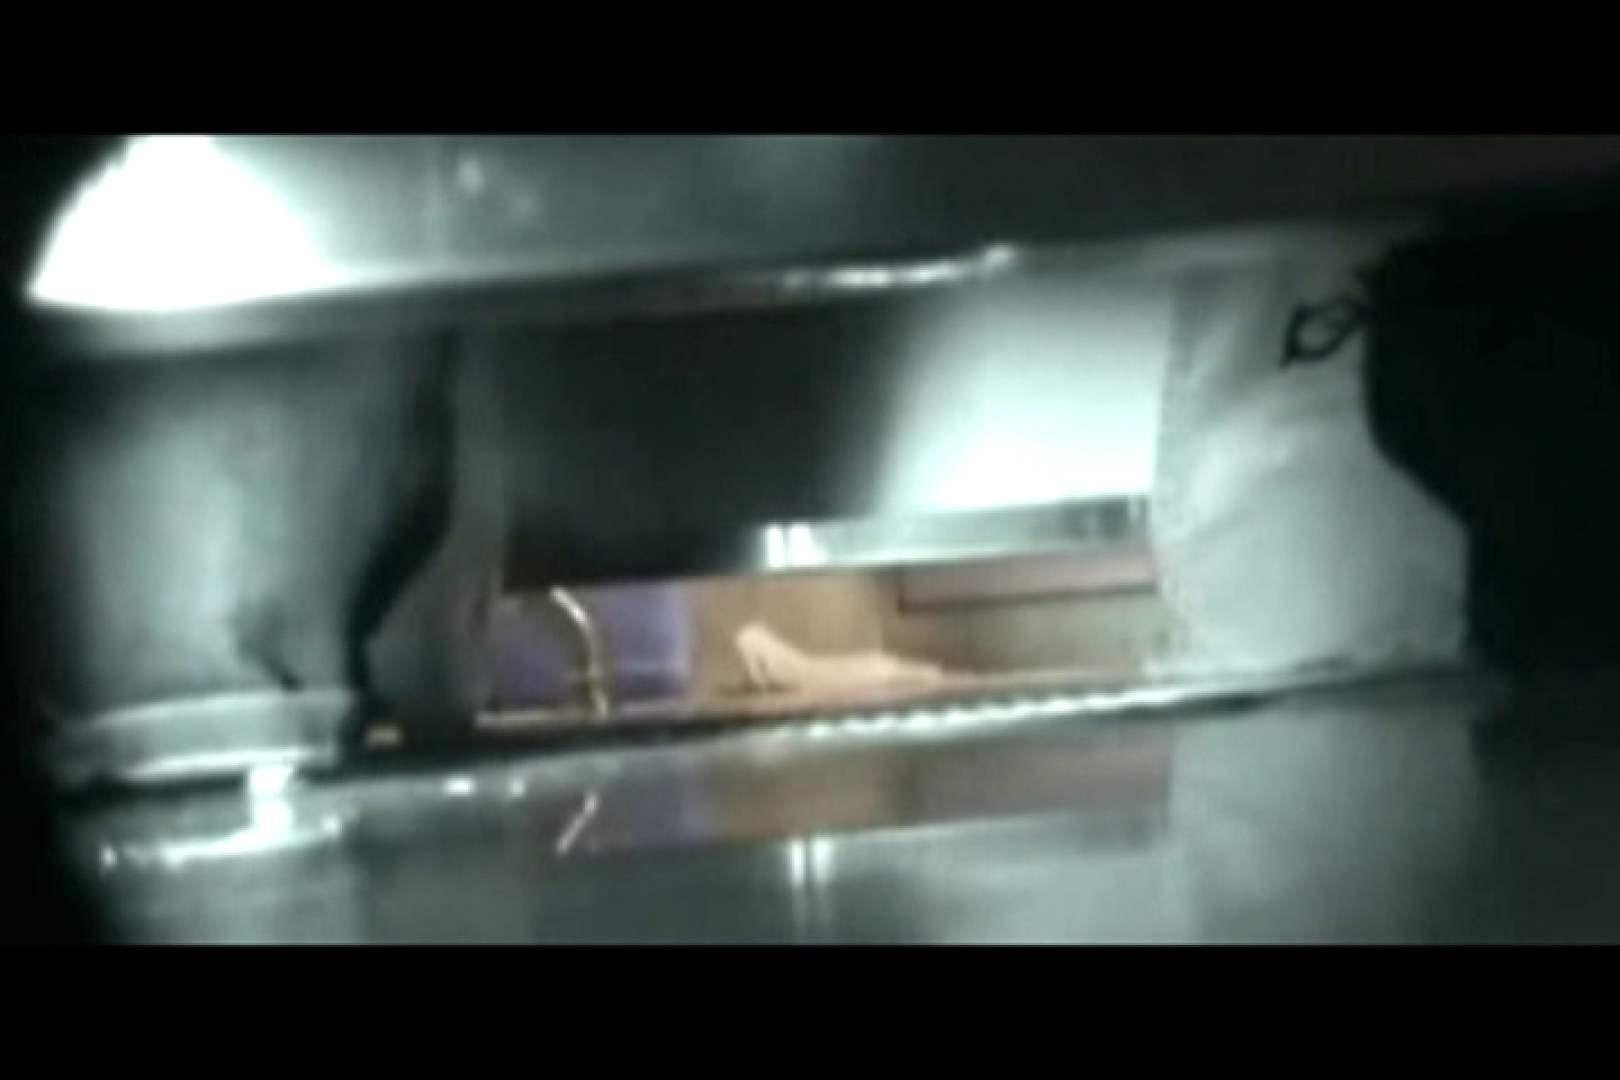 ぼっとん洗面所スペシャルVol.19 洗面所 | おまんこモロ出し  109pic 10